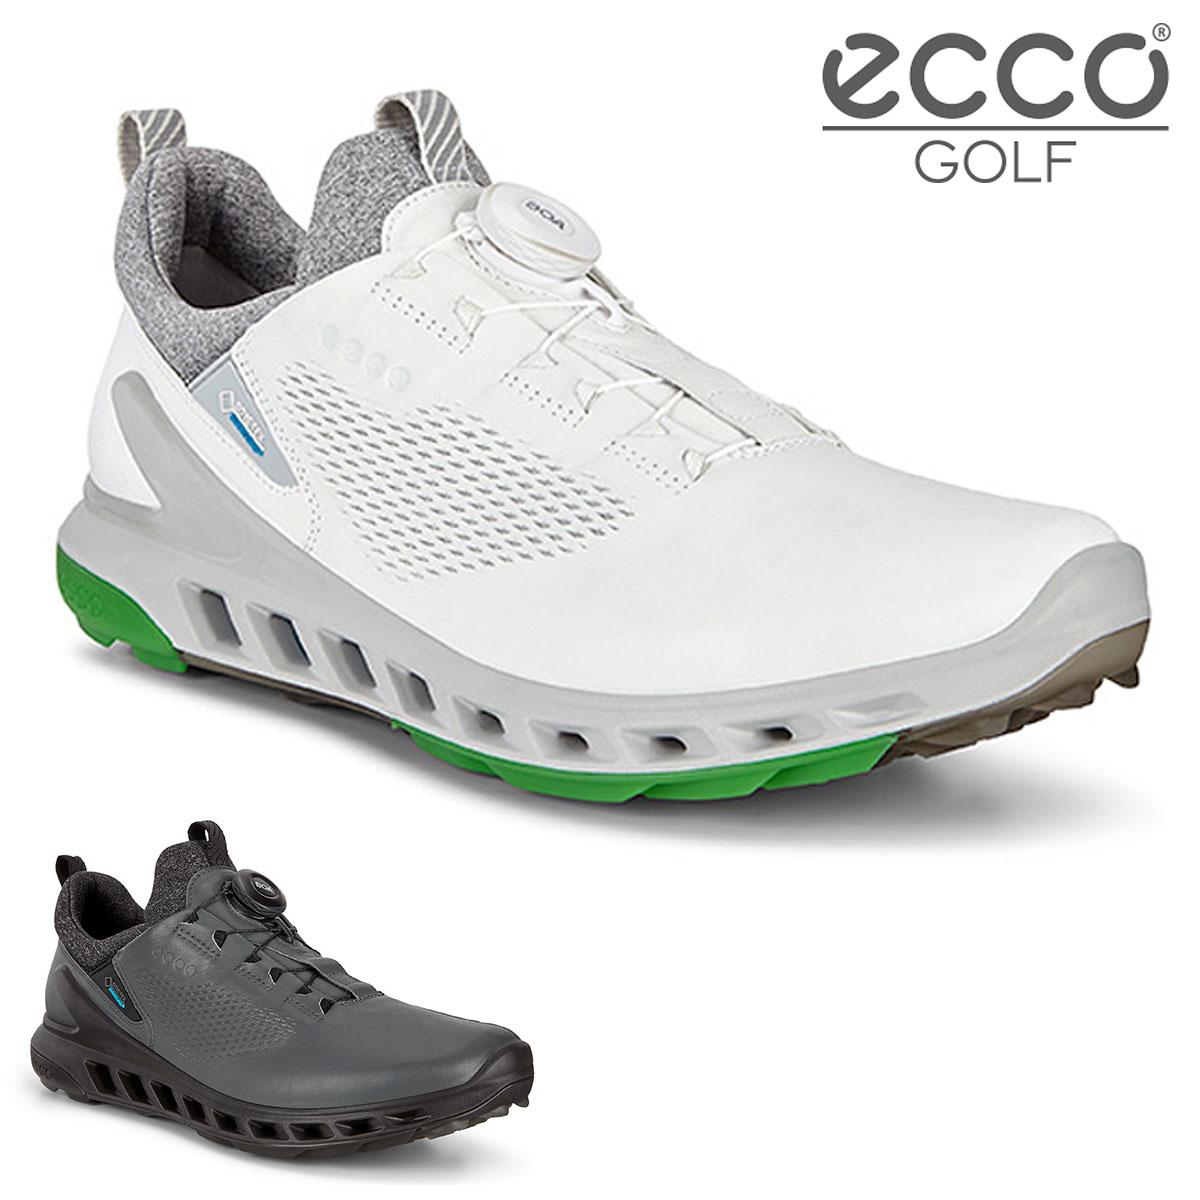 【【最大4999円OFFクーポン】】ECCO(エコー)日本正規品 BIOM COOL PRO BOA メンズモデル スパイクレスゴルフシューズ 「102114」 【あす楽対応】